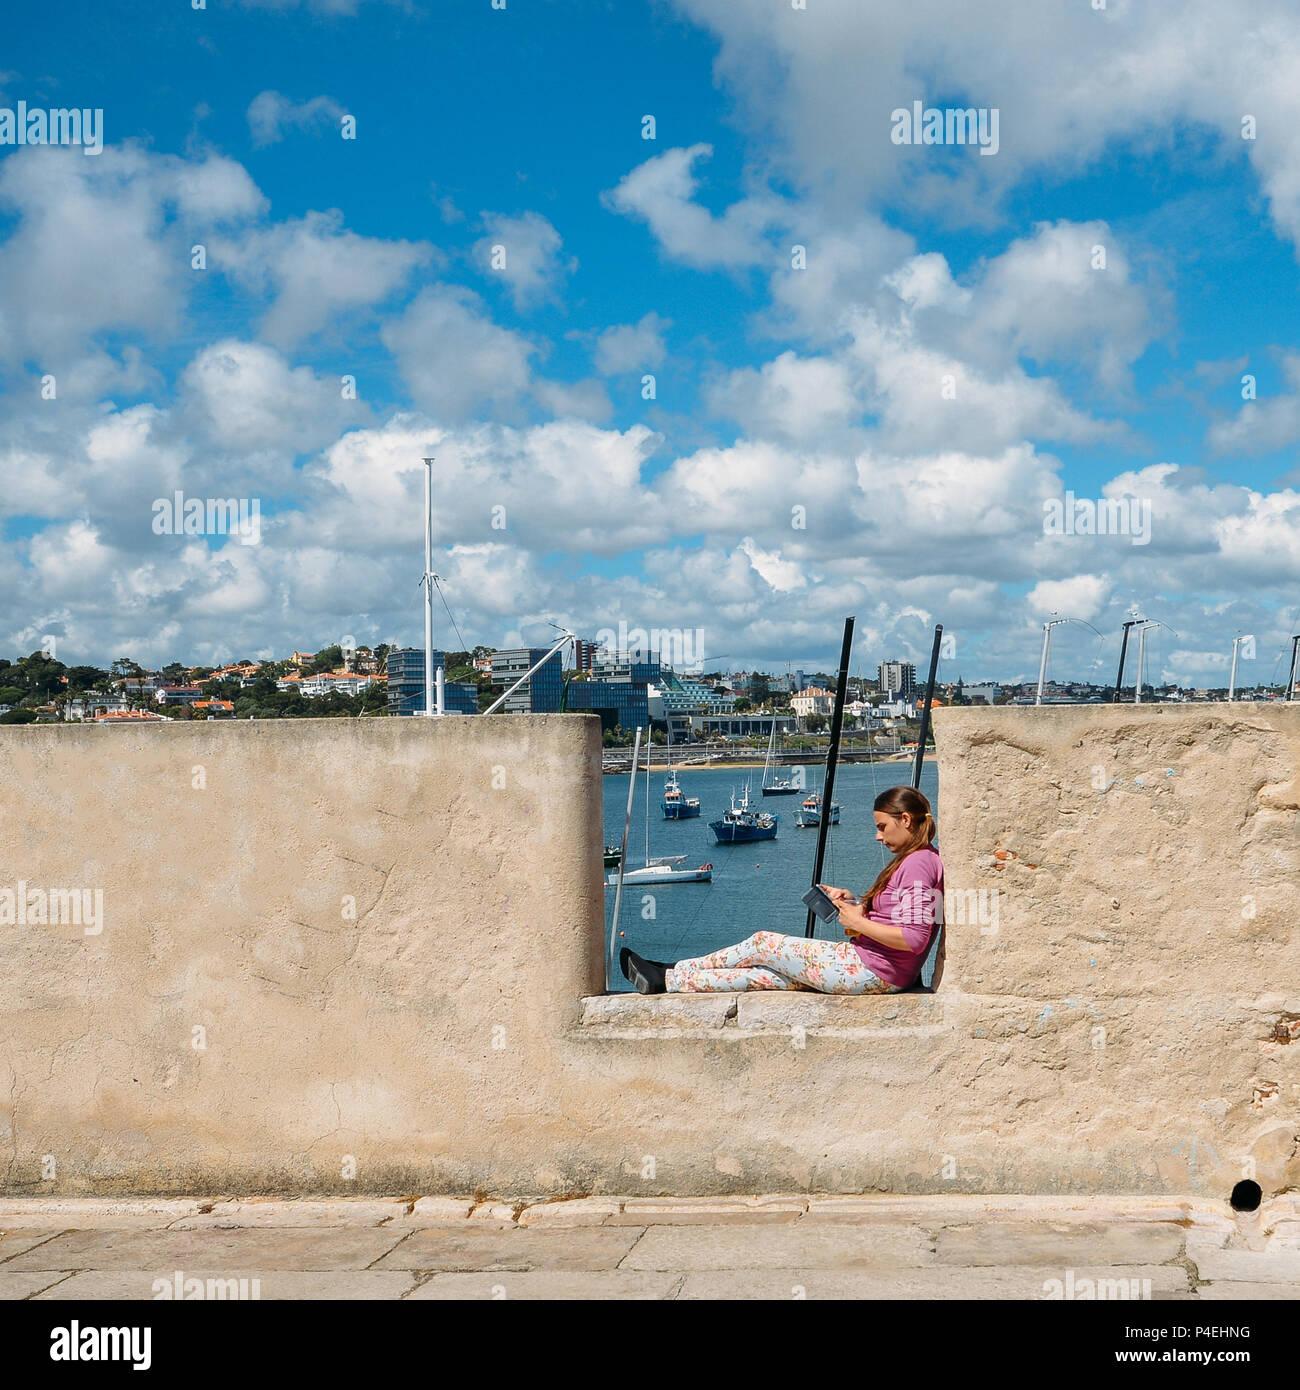 citadel-of-the-coastal-town-of-cascais-P4EHNG.jpg